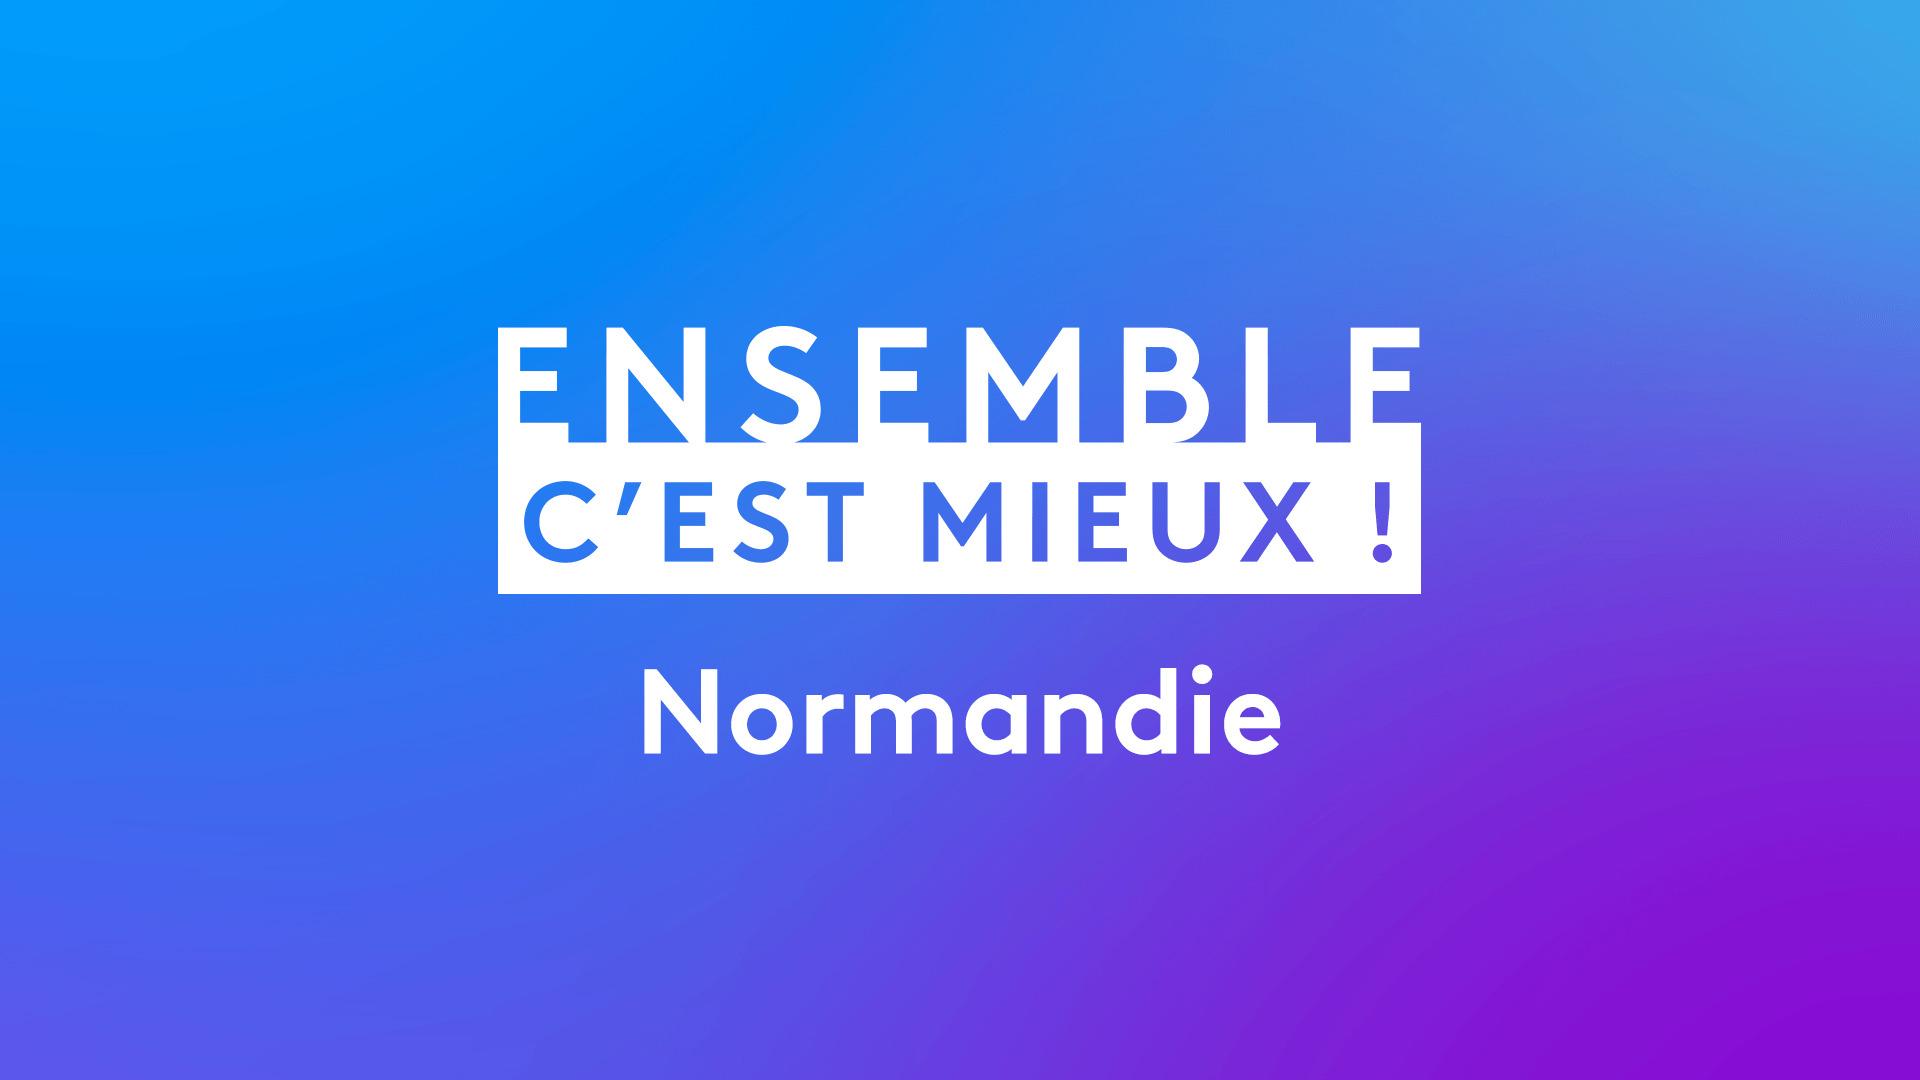 Ensemble c'est mieux ! Normandie : La fin du plastique : un horizon encore lointain ?